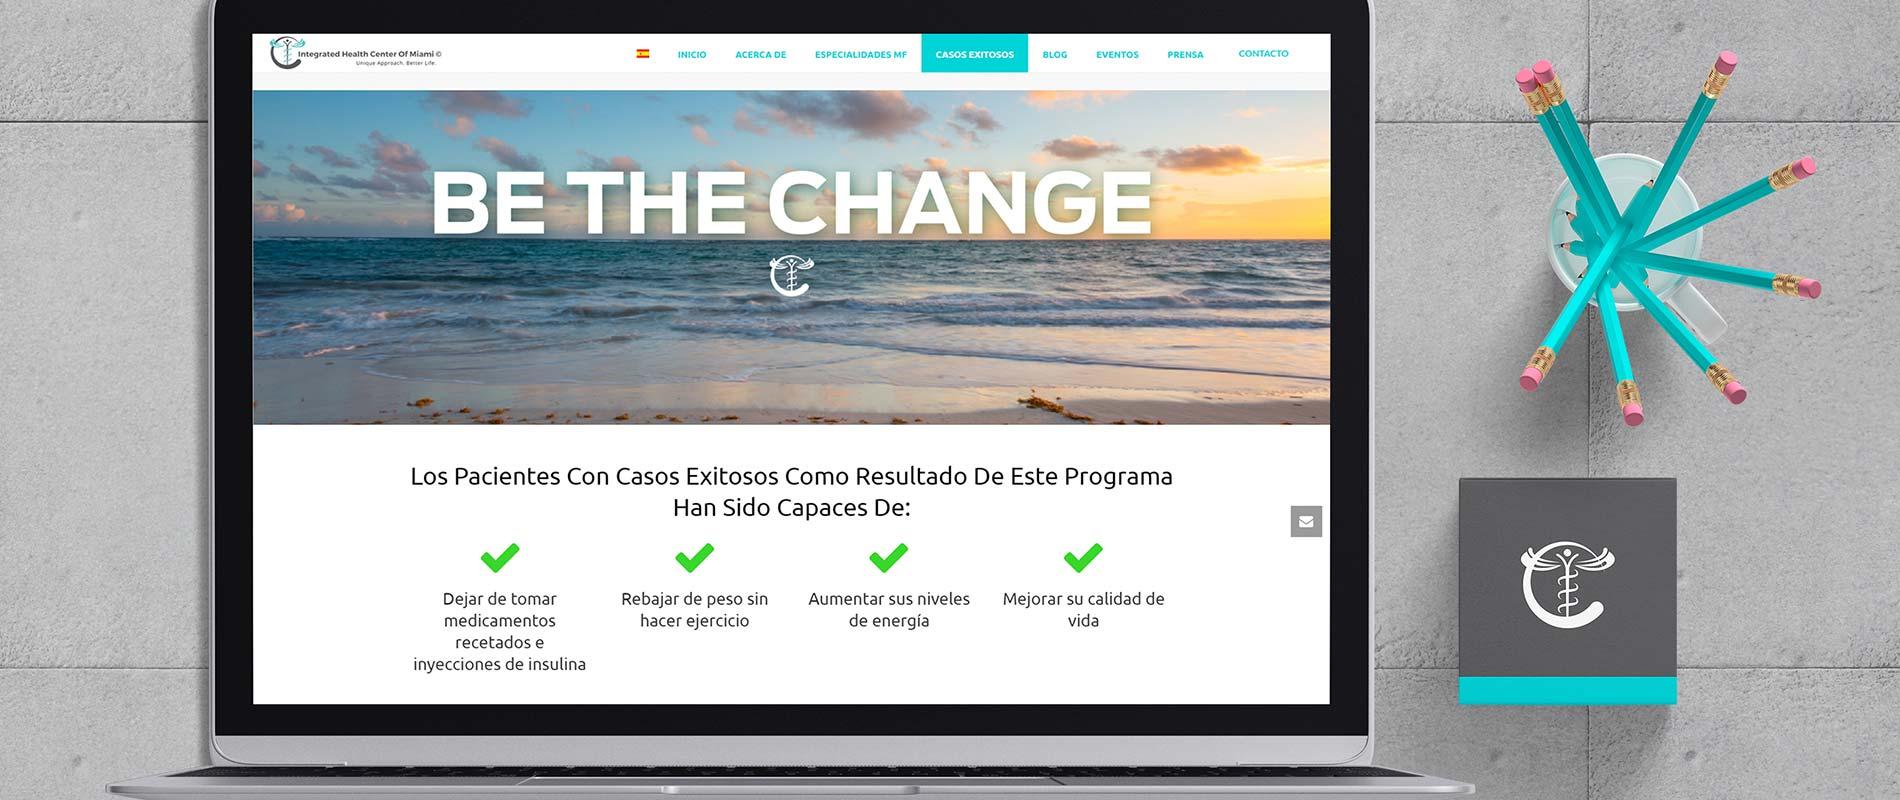 Publicaciones de contenido y actualizaciones en IHC Miami